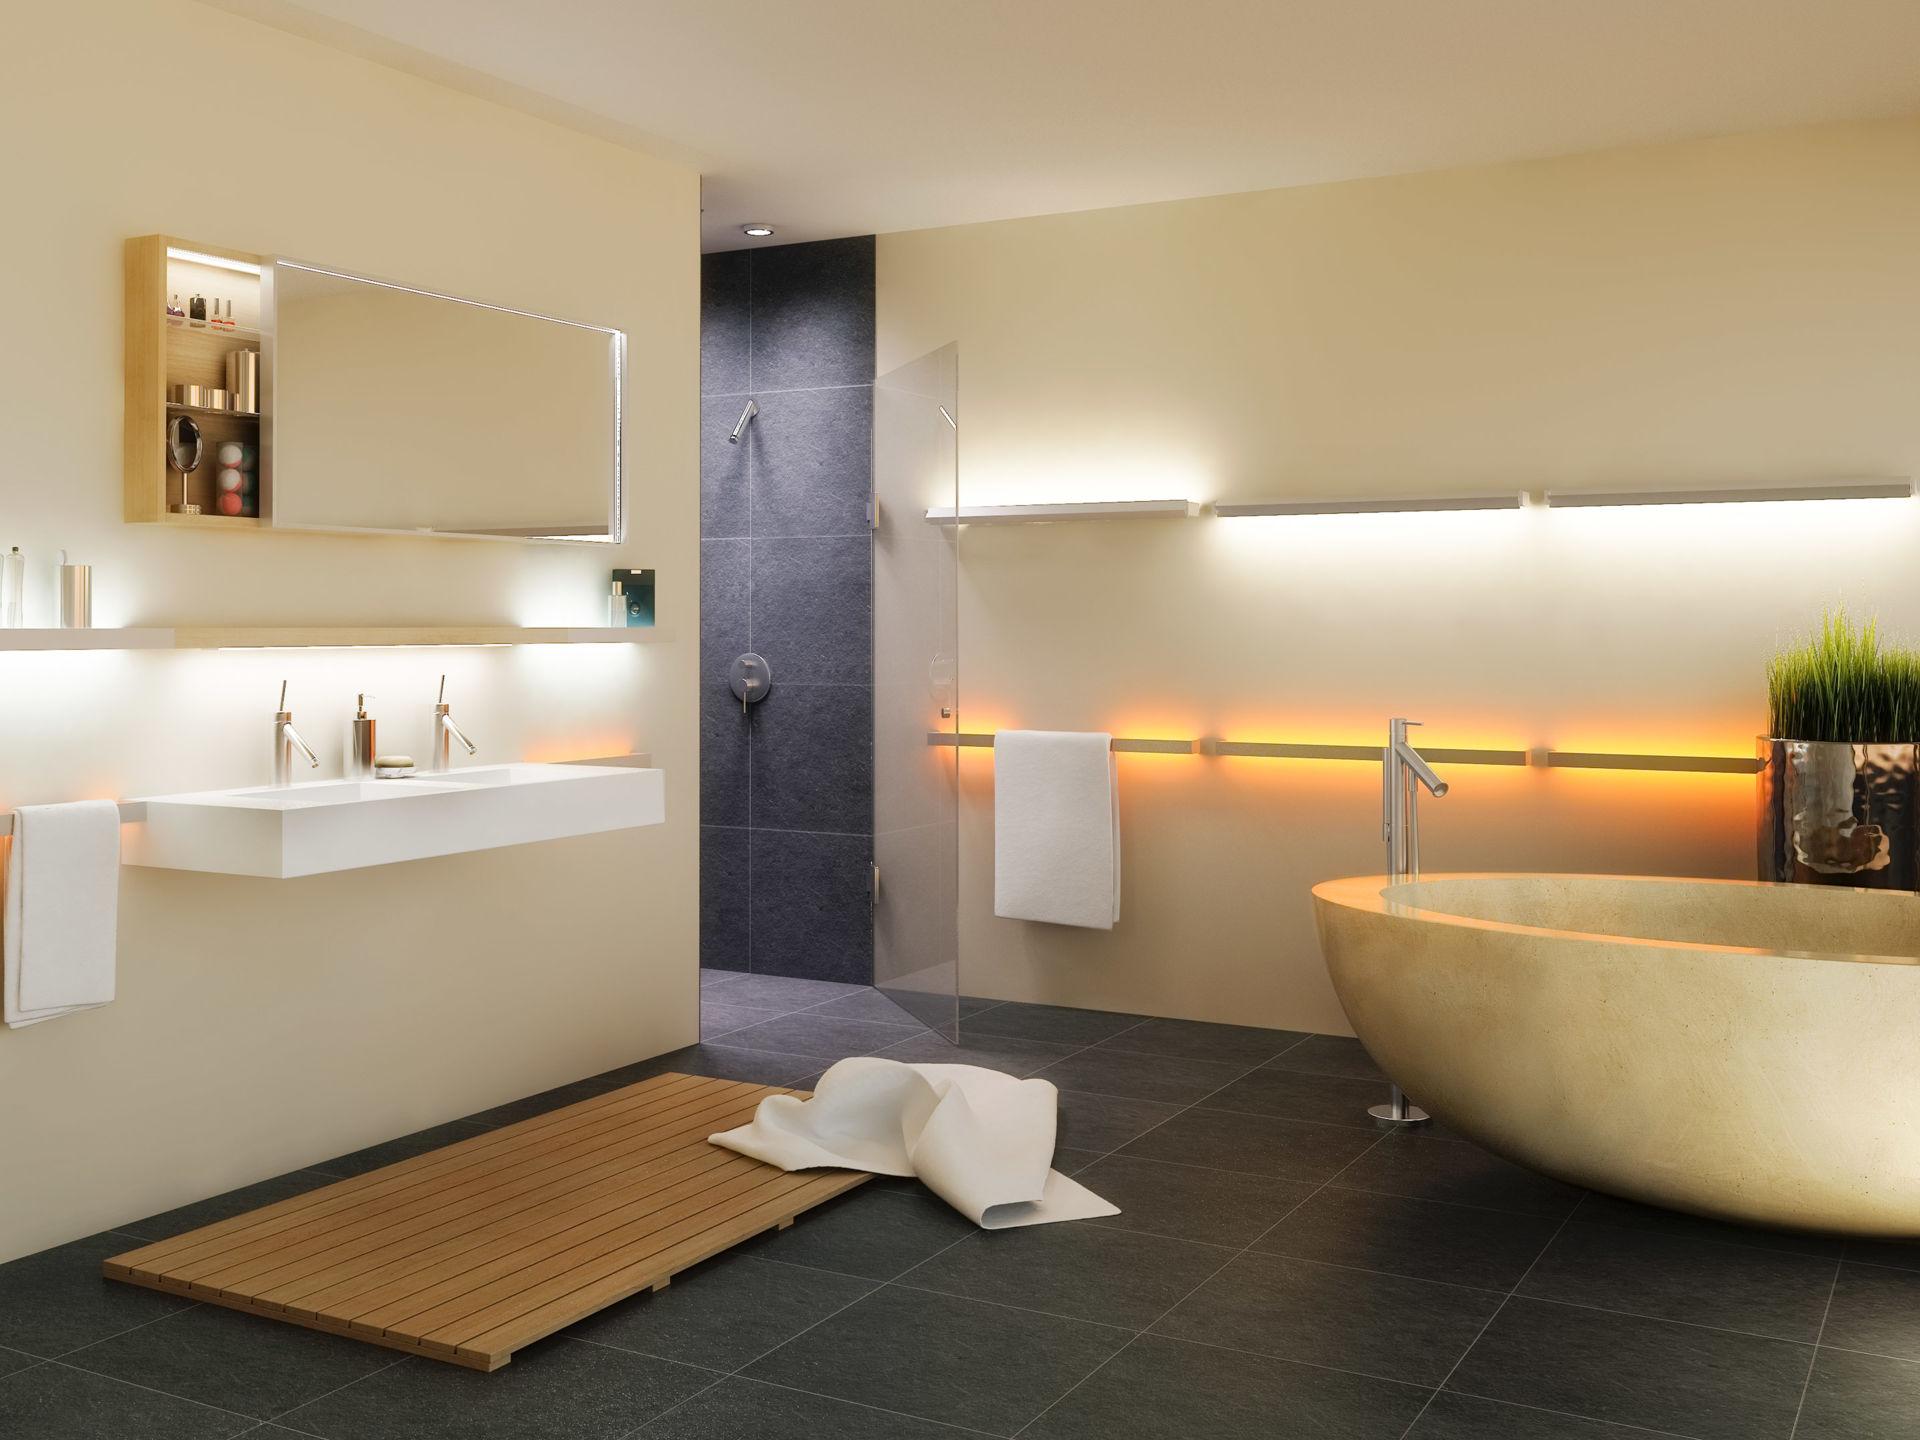 die richtige beleuchtung im bad zuhause wohnen. Black Bedroom Furniture Sets. Home Design Ideas